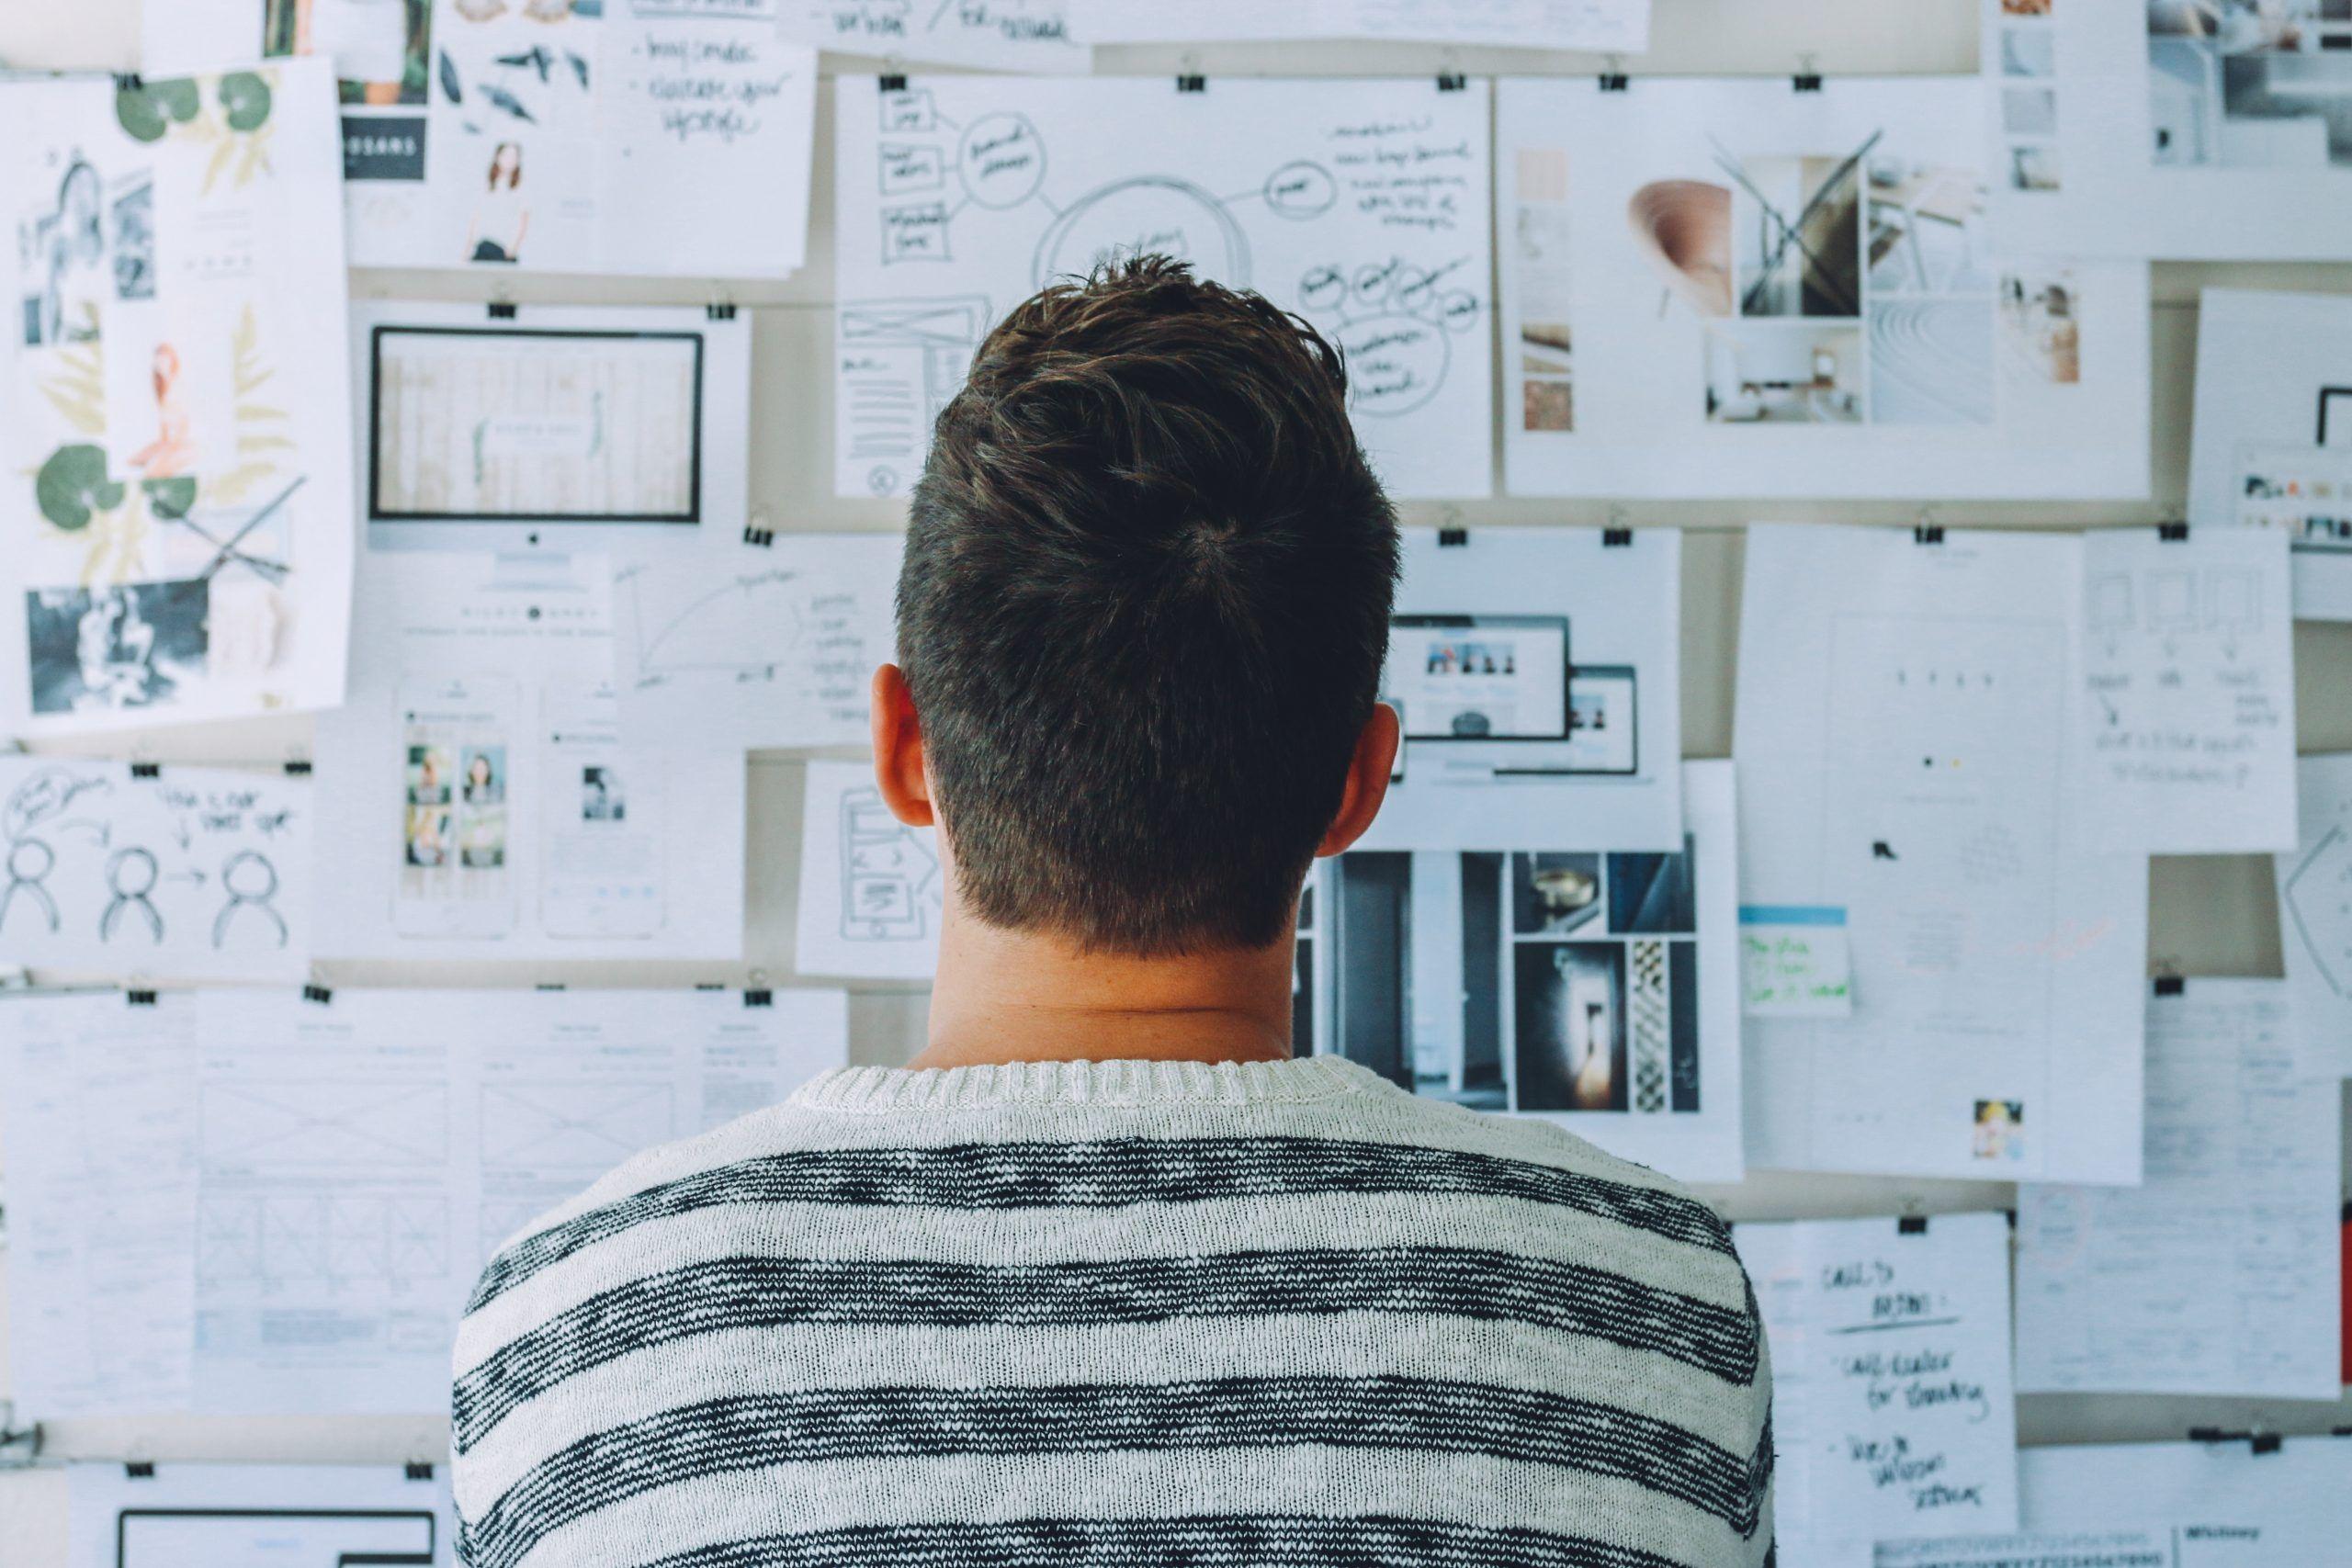 Lukusuunnitelma kokeeseen: perusteet ja case study